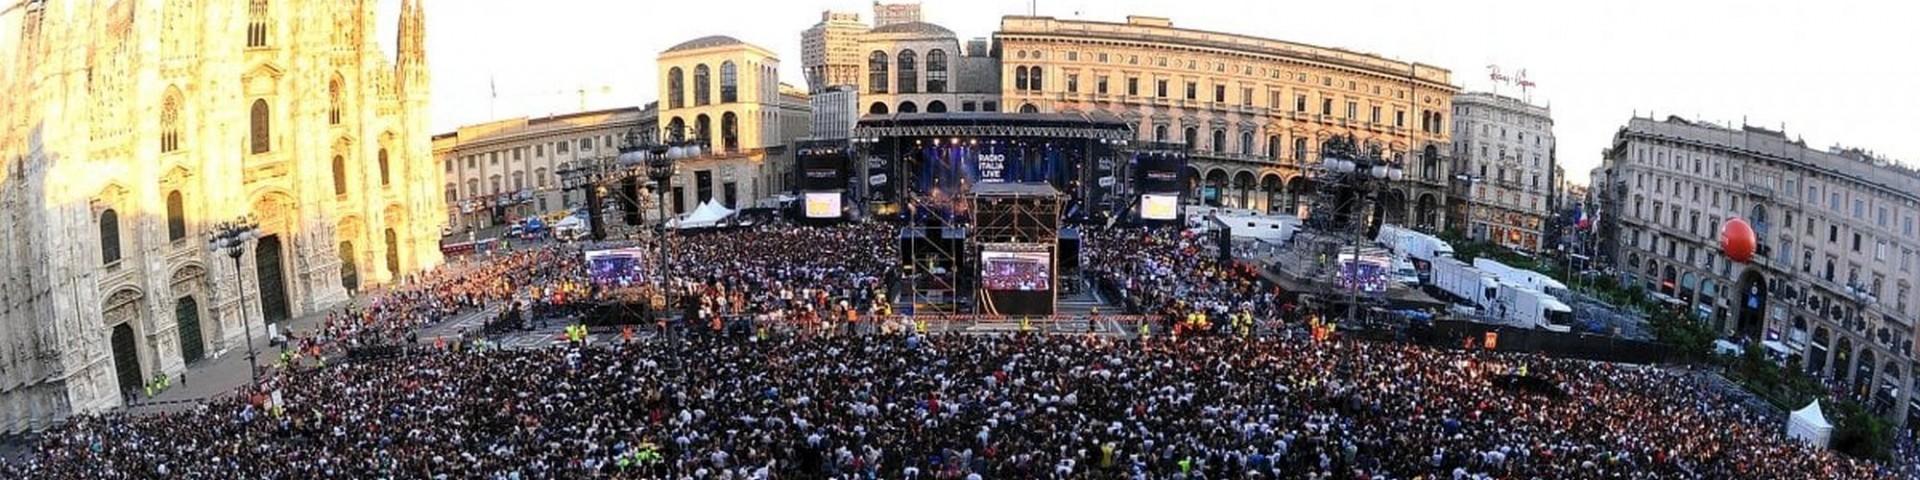 Radio Italia Live – Il Concerto 2019 a Milano: scaletta e ordine di uscita